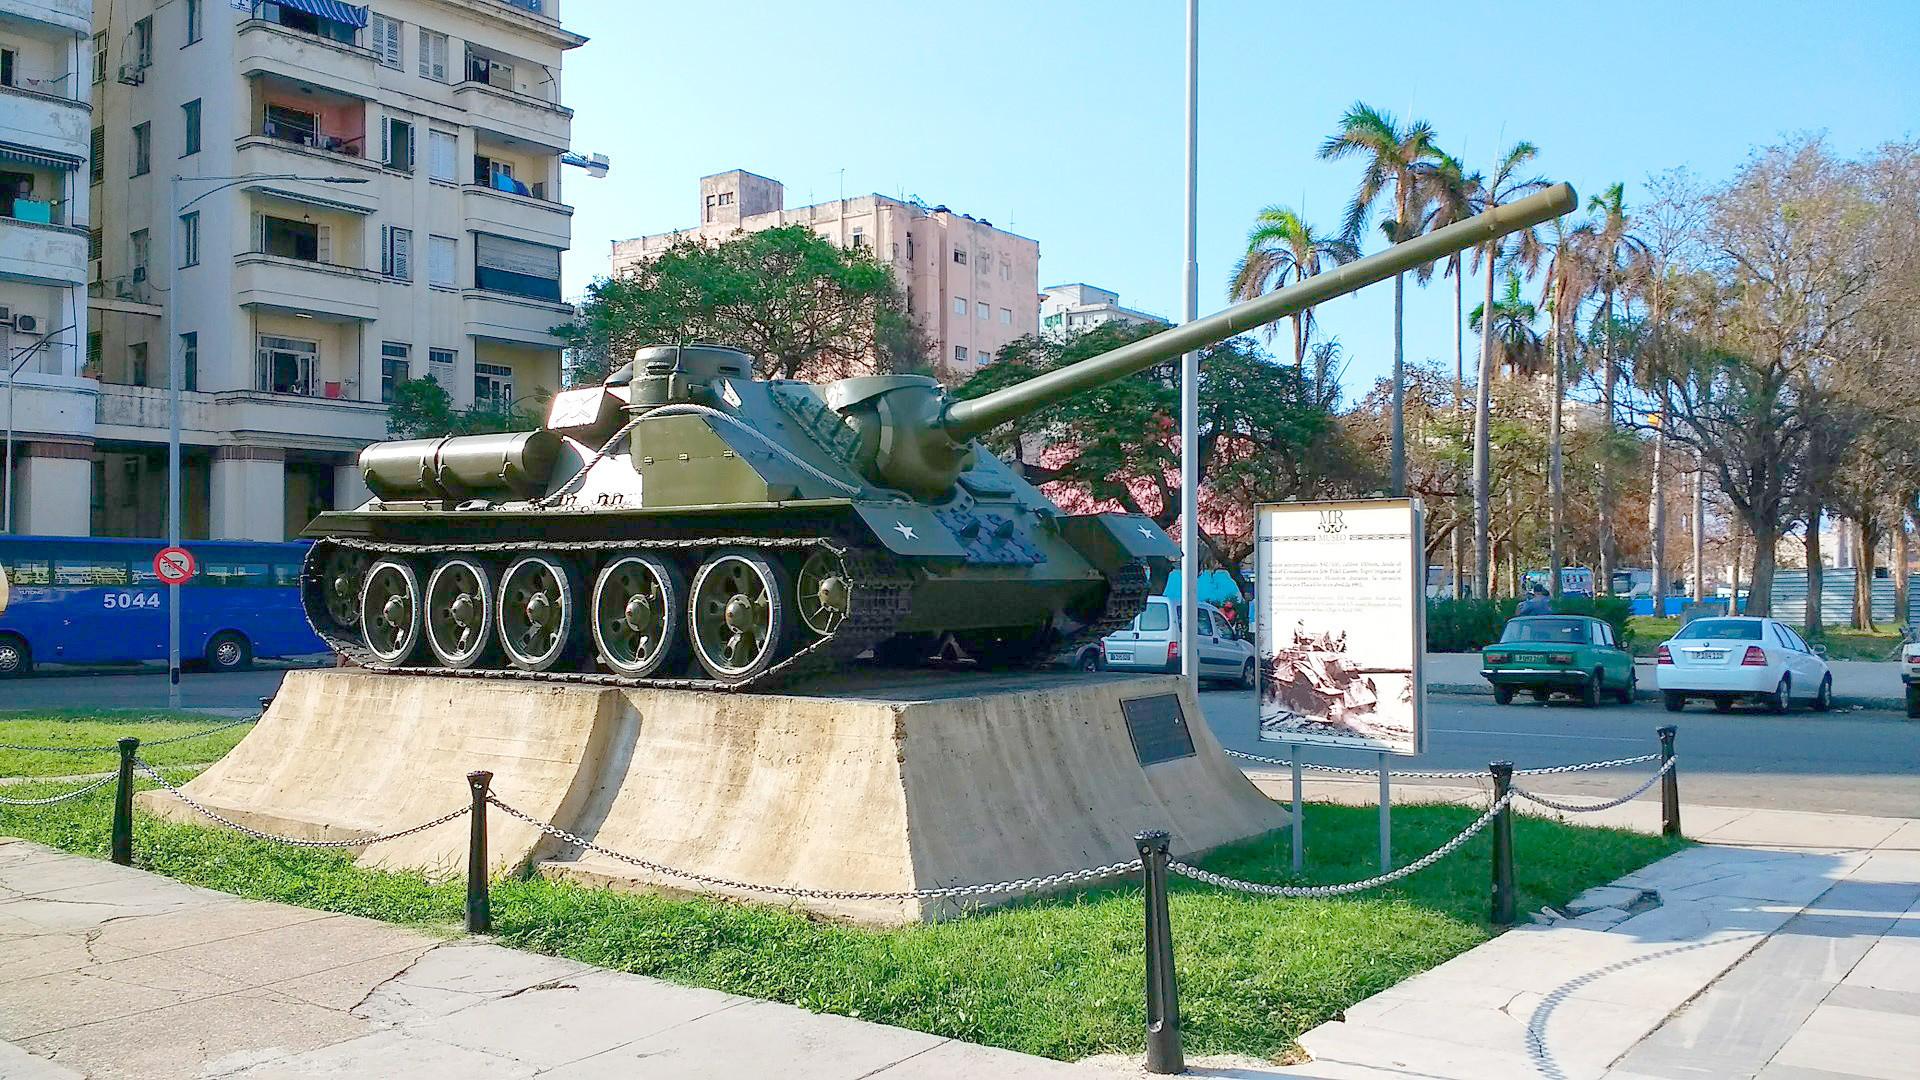 Su-100 iz kojeg je pucao Castro. Havana.